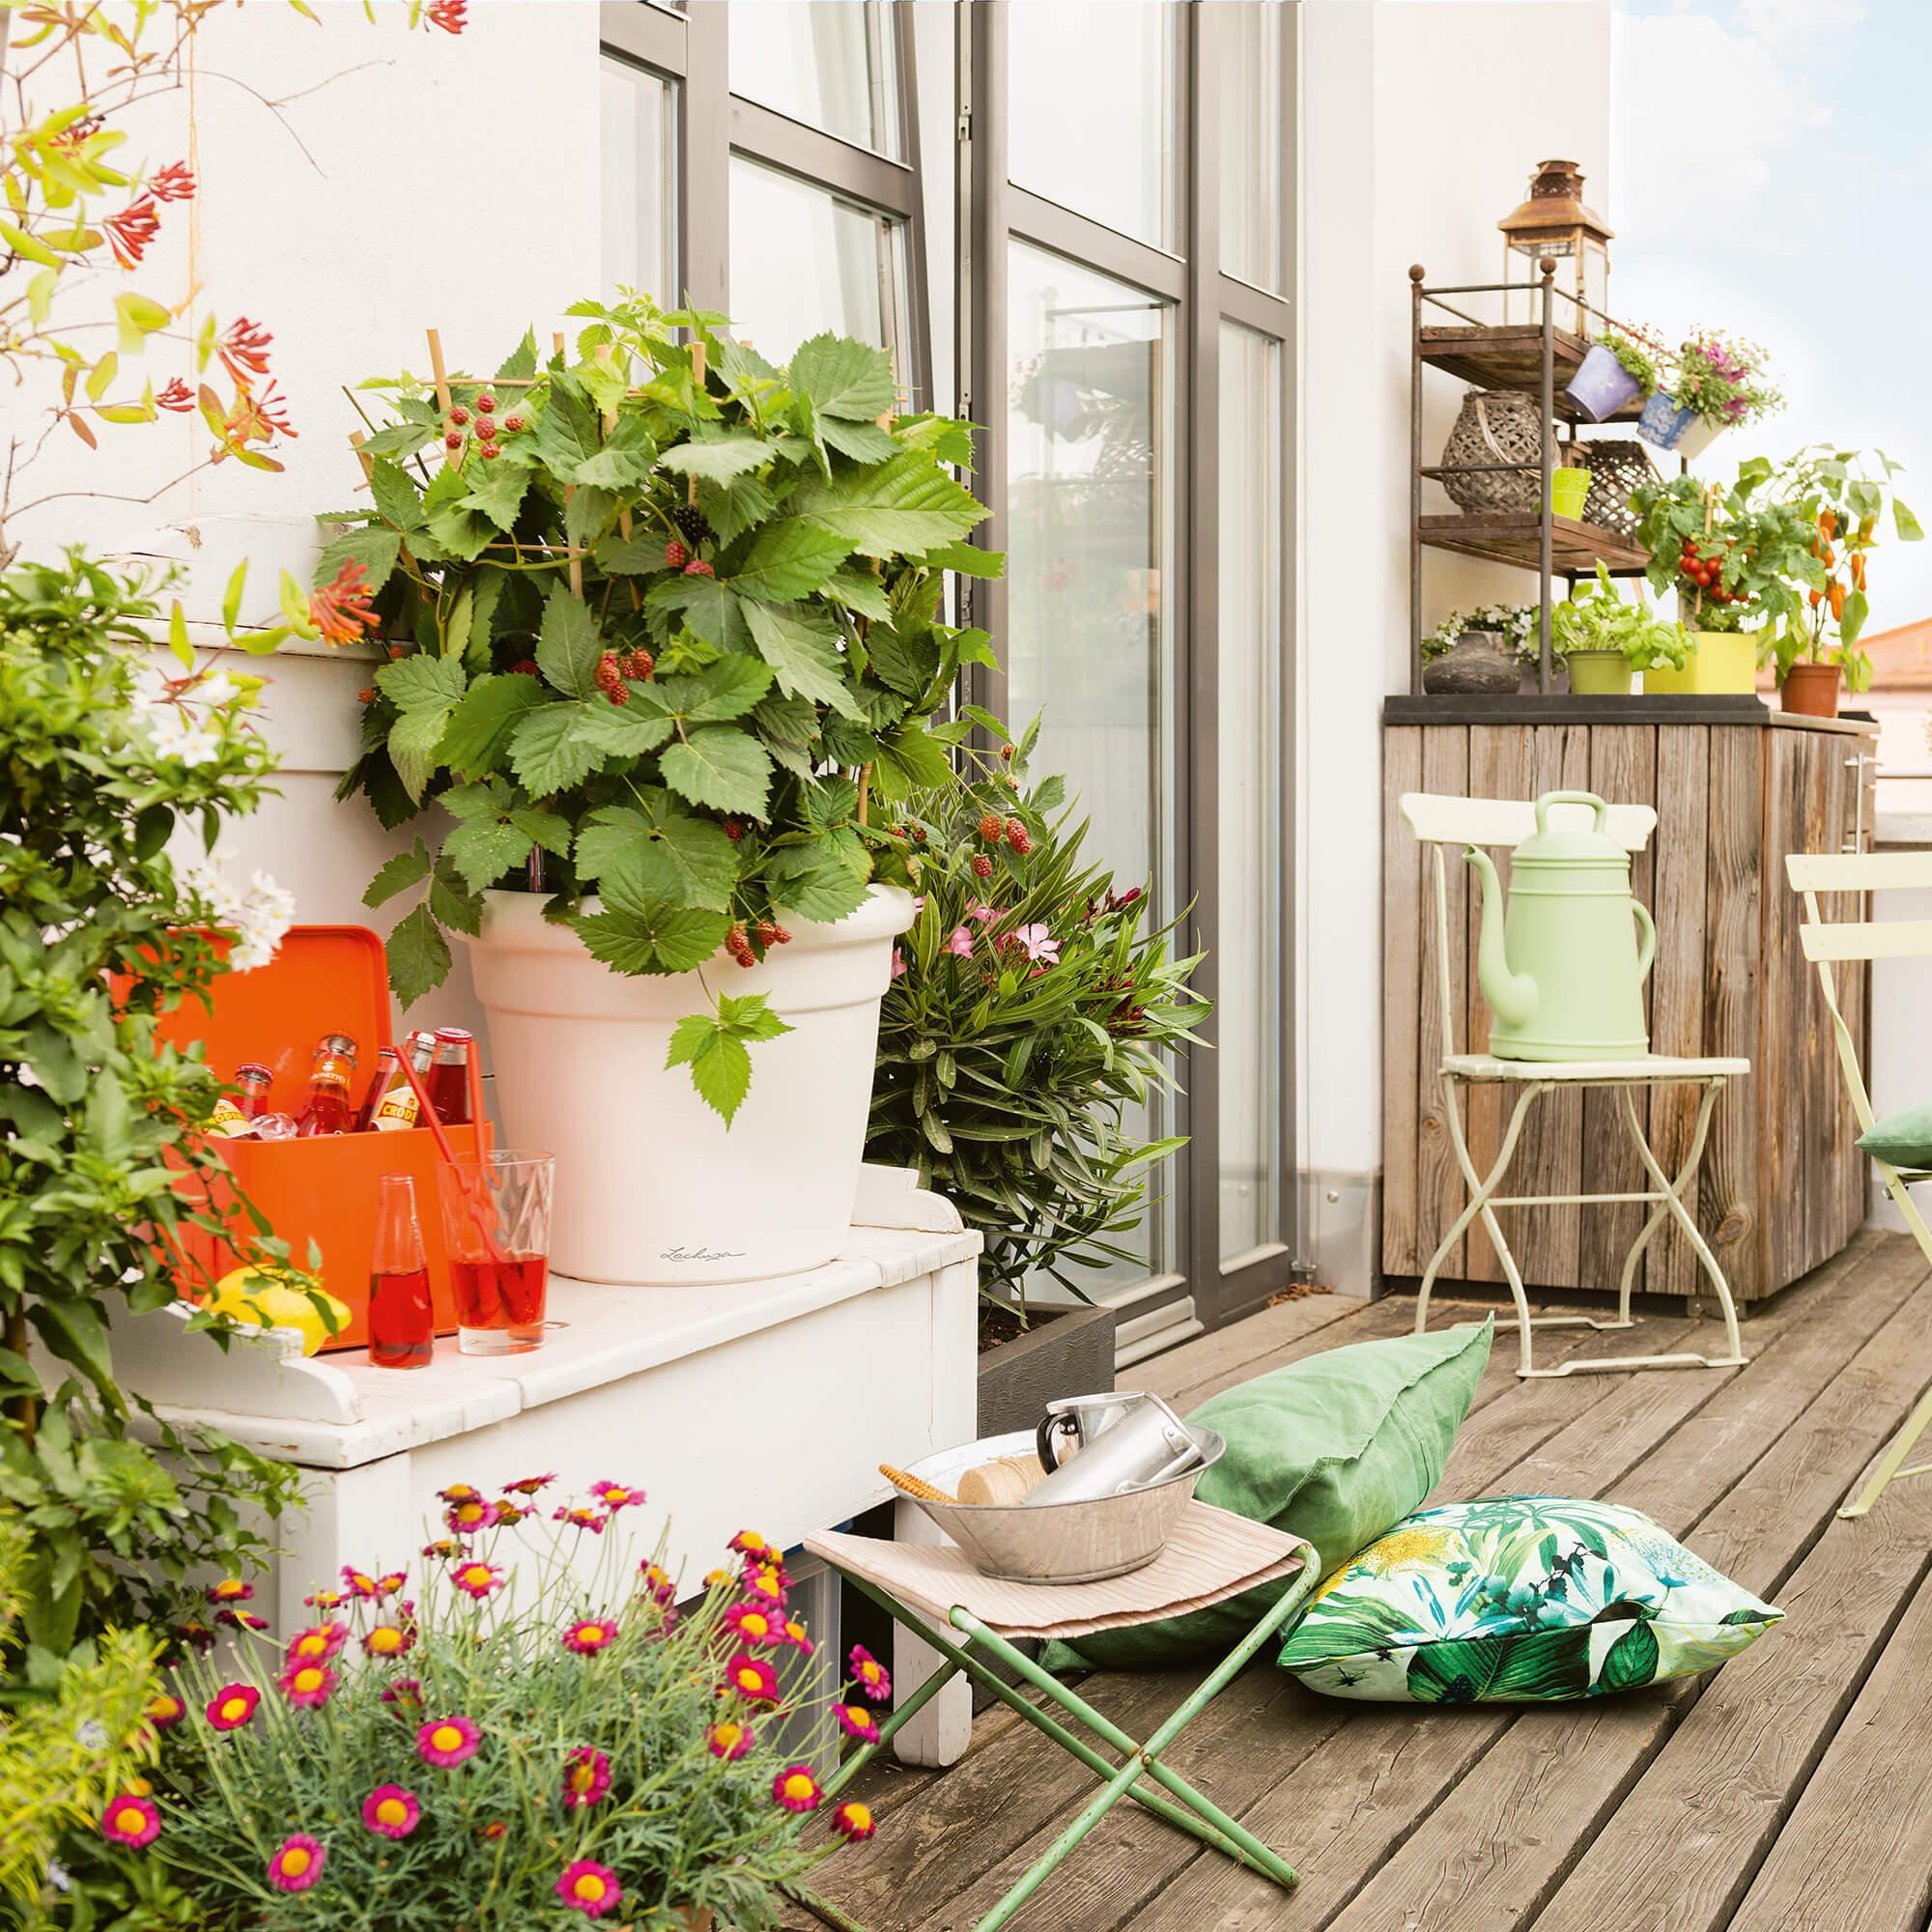 RUSTICO Color 35 white - Image 4